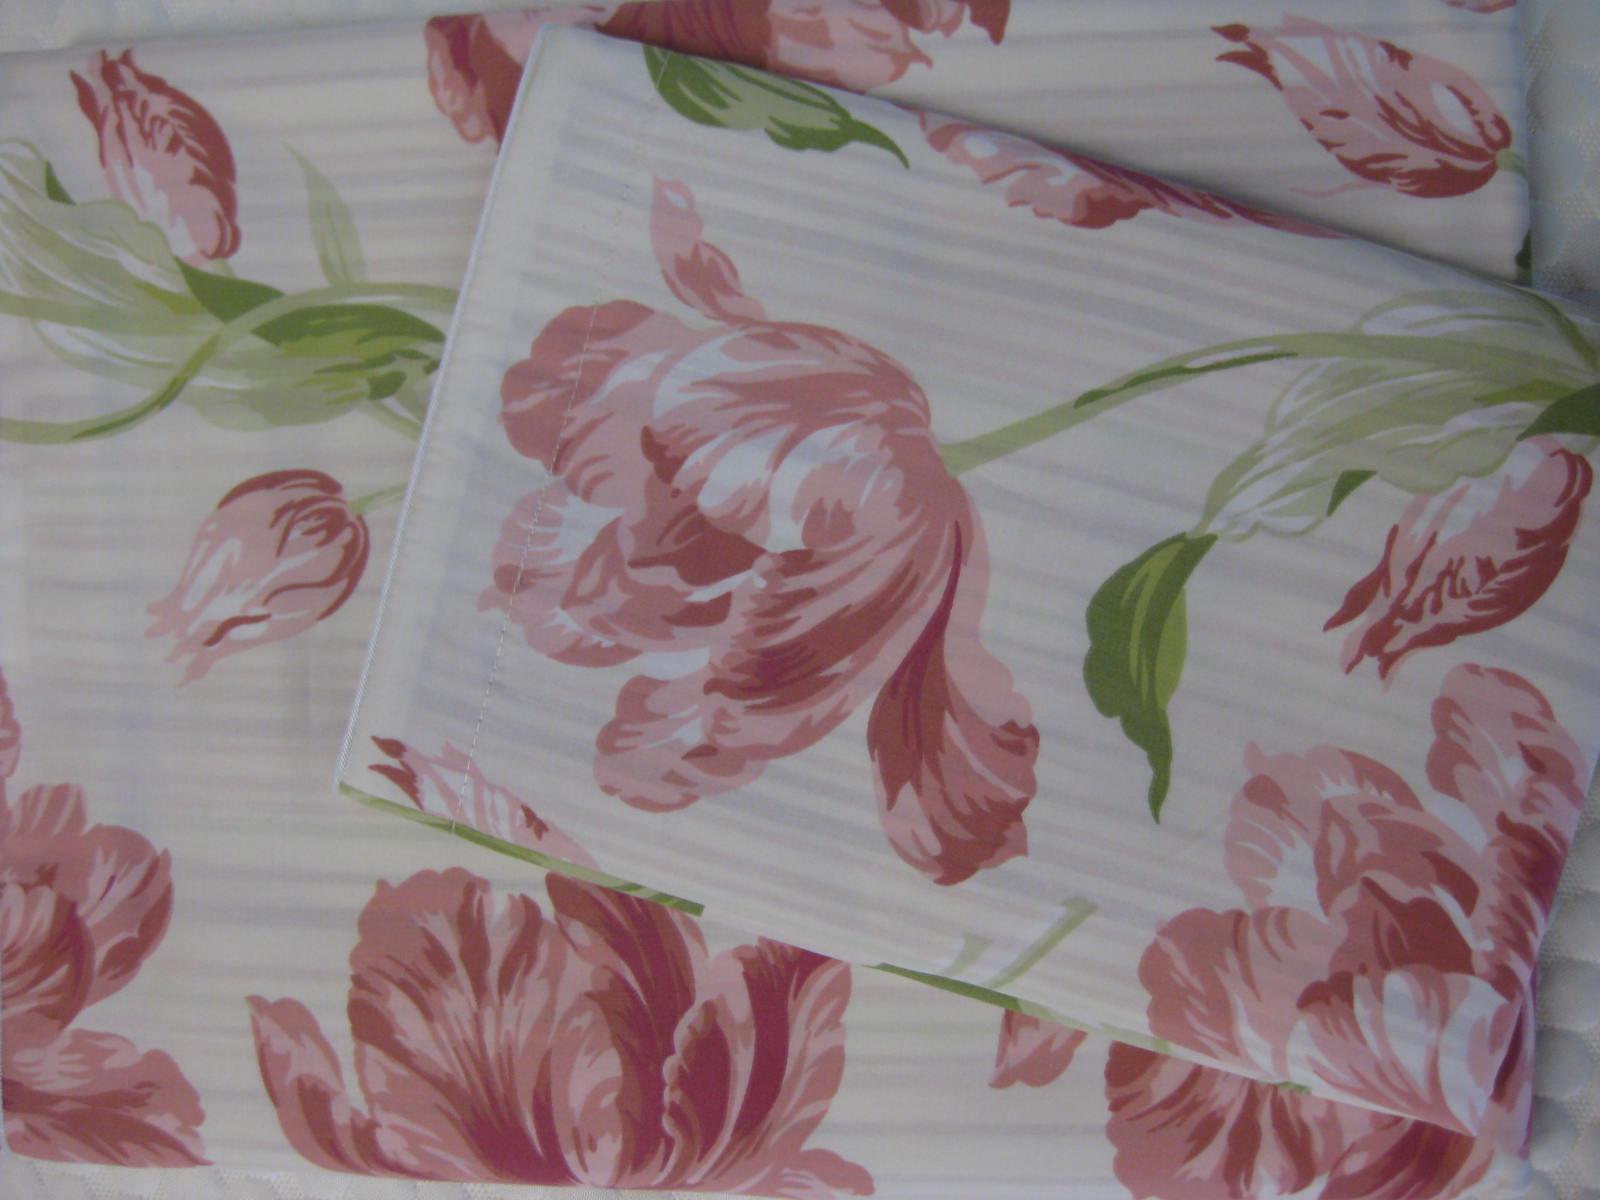 Bettwäsche Lakerton Cranberry v.1 von Laura Laura Laura Ashley 155x220 + 80x80 cm 4f097c